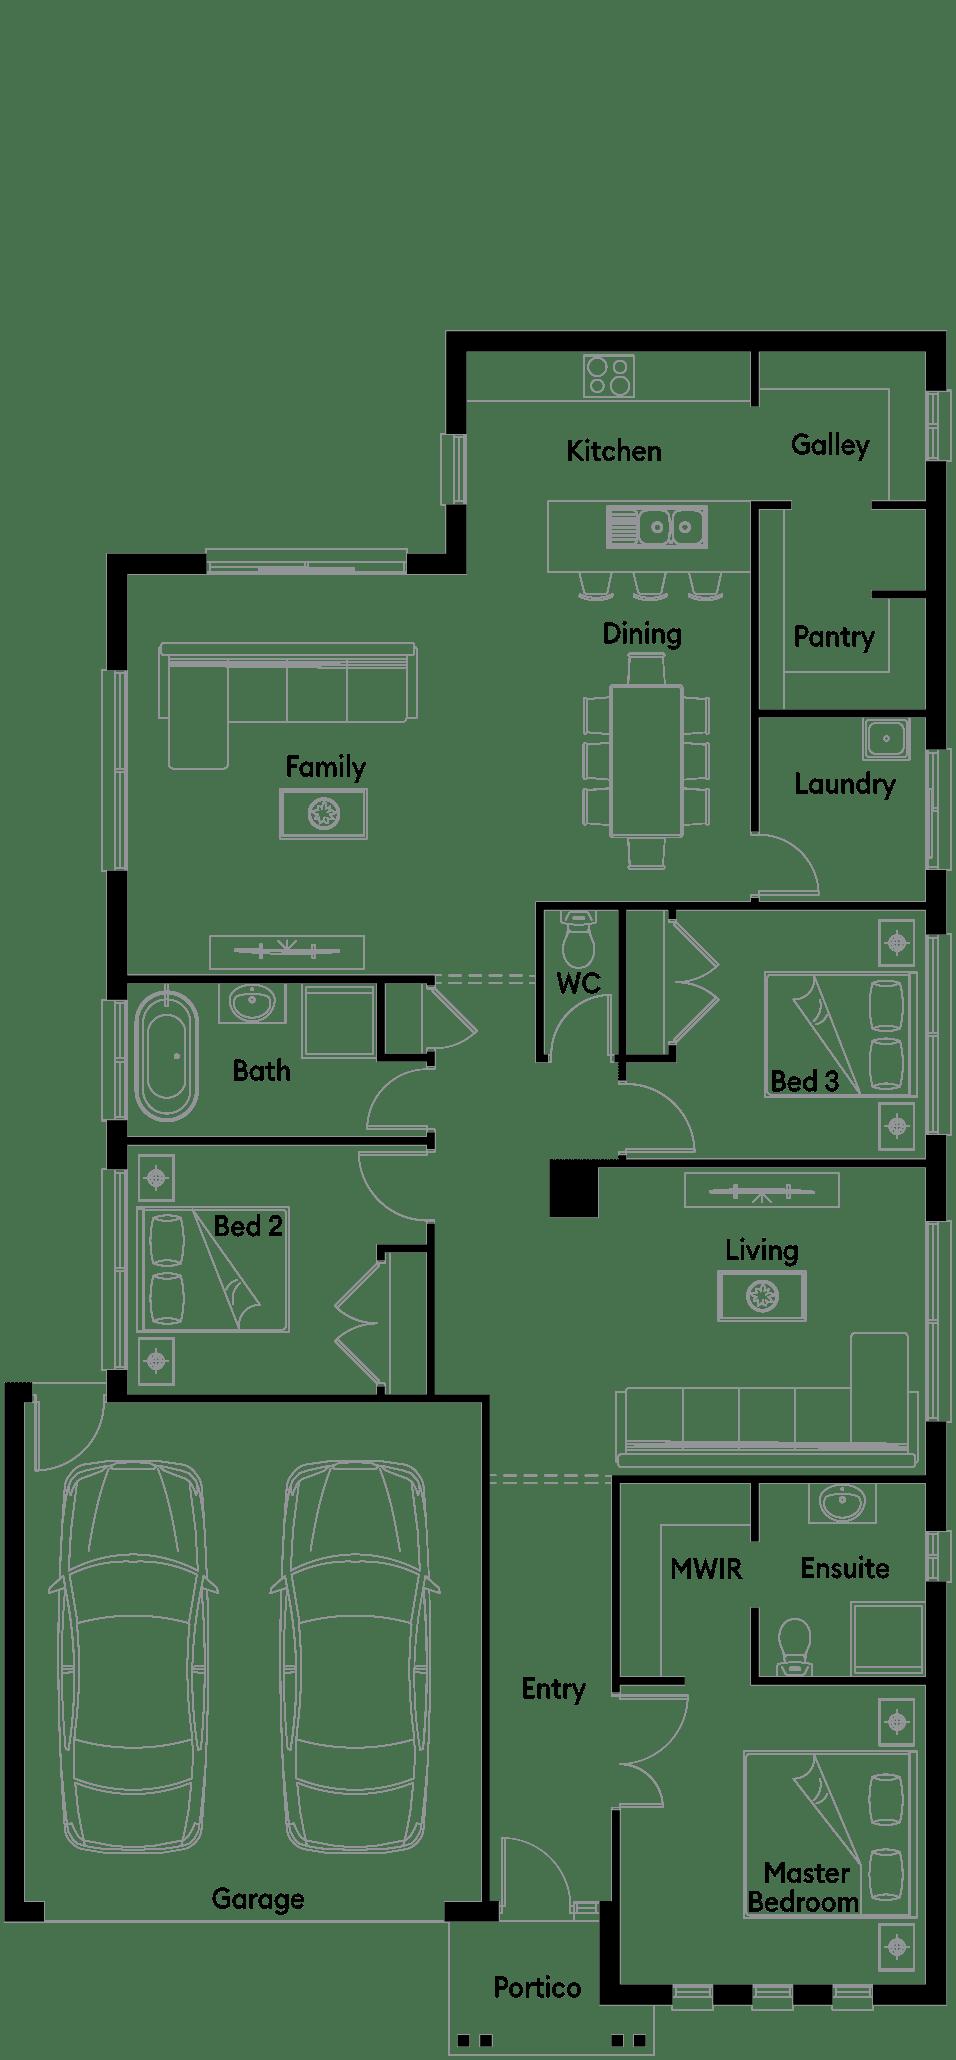 FloorPlan1_HOUSE763_Midland_21-6